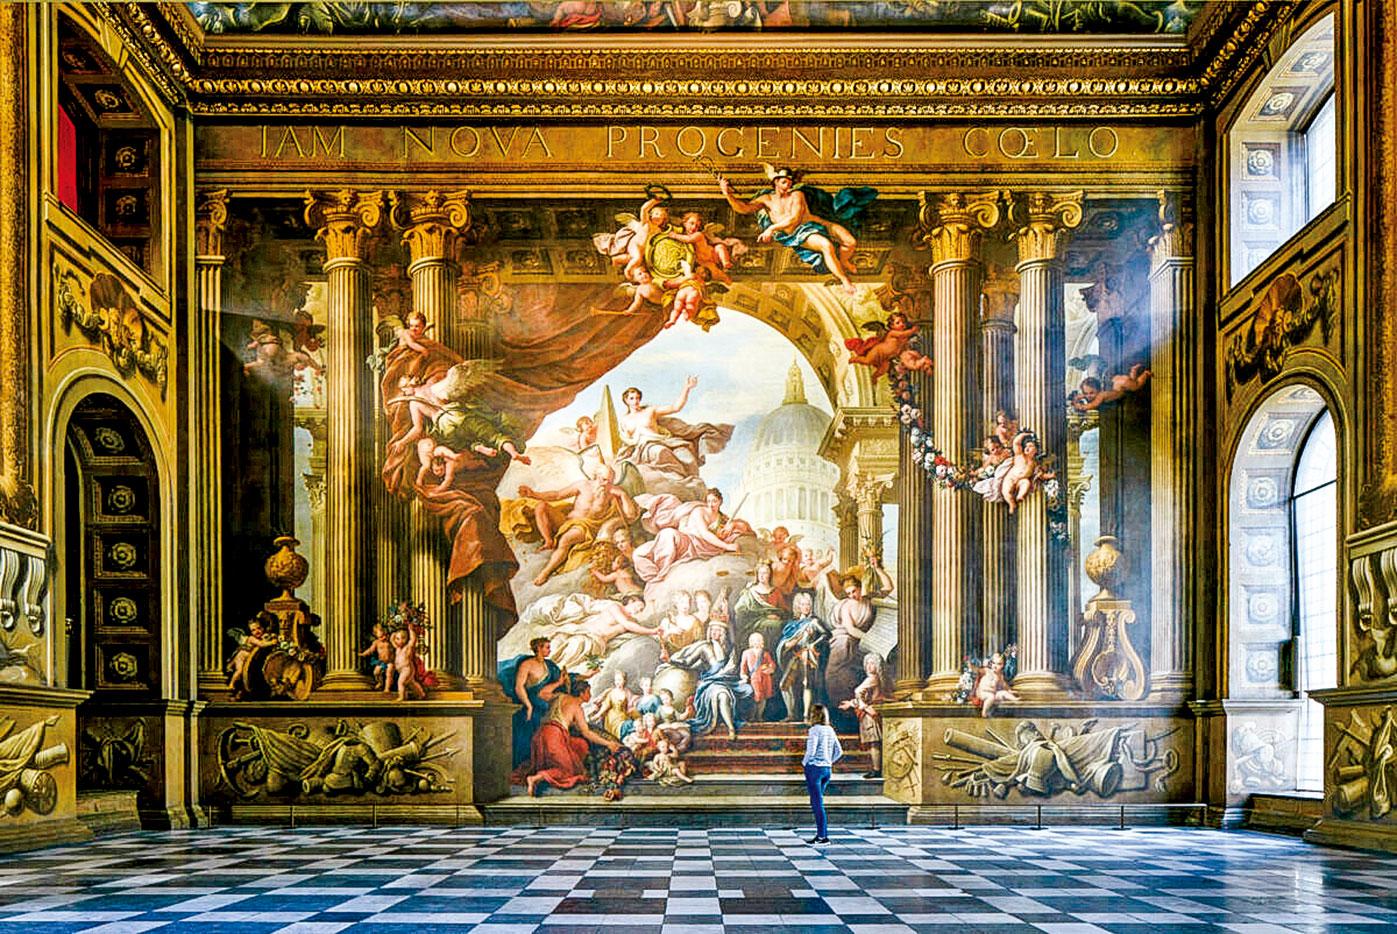 舊王家海軍學院的彩繪畫廳上廳,牆壁壁畫描繪了喬治國王身旁圍繞著家族成員,彰顯著他的統治力量和新教血脈的穩固性。(圖片來源/Old Royal Naval College提供)